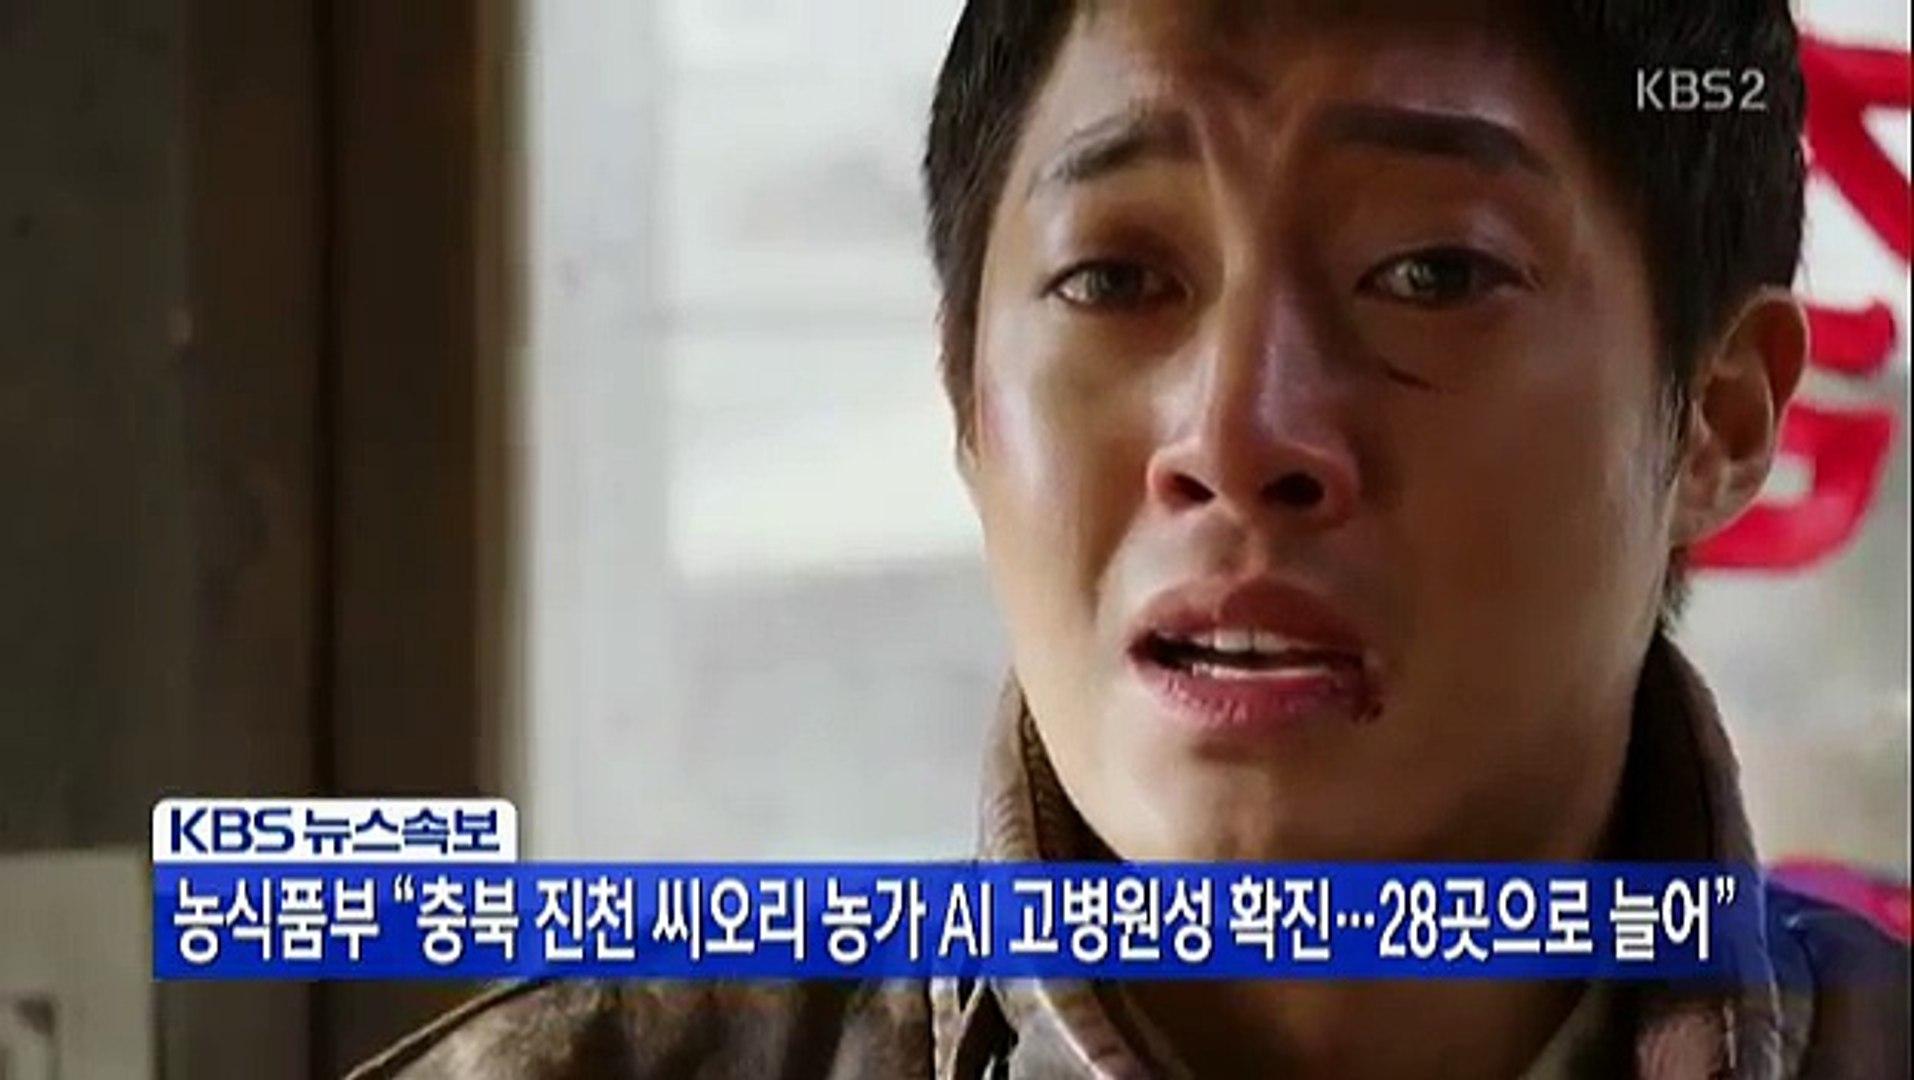 Anh Hùng Thời Đại Tập 5 - Anh Hùng Thời Đại - Phim Hàn Quốc